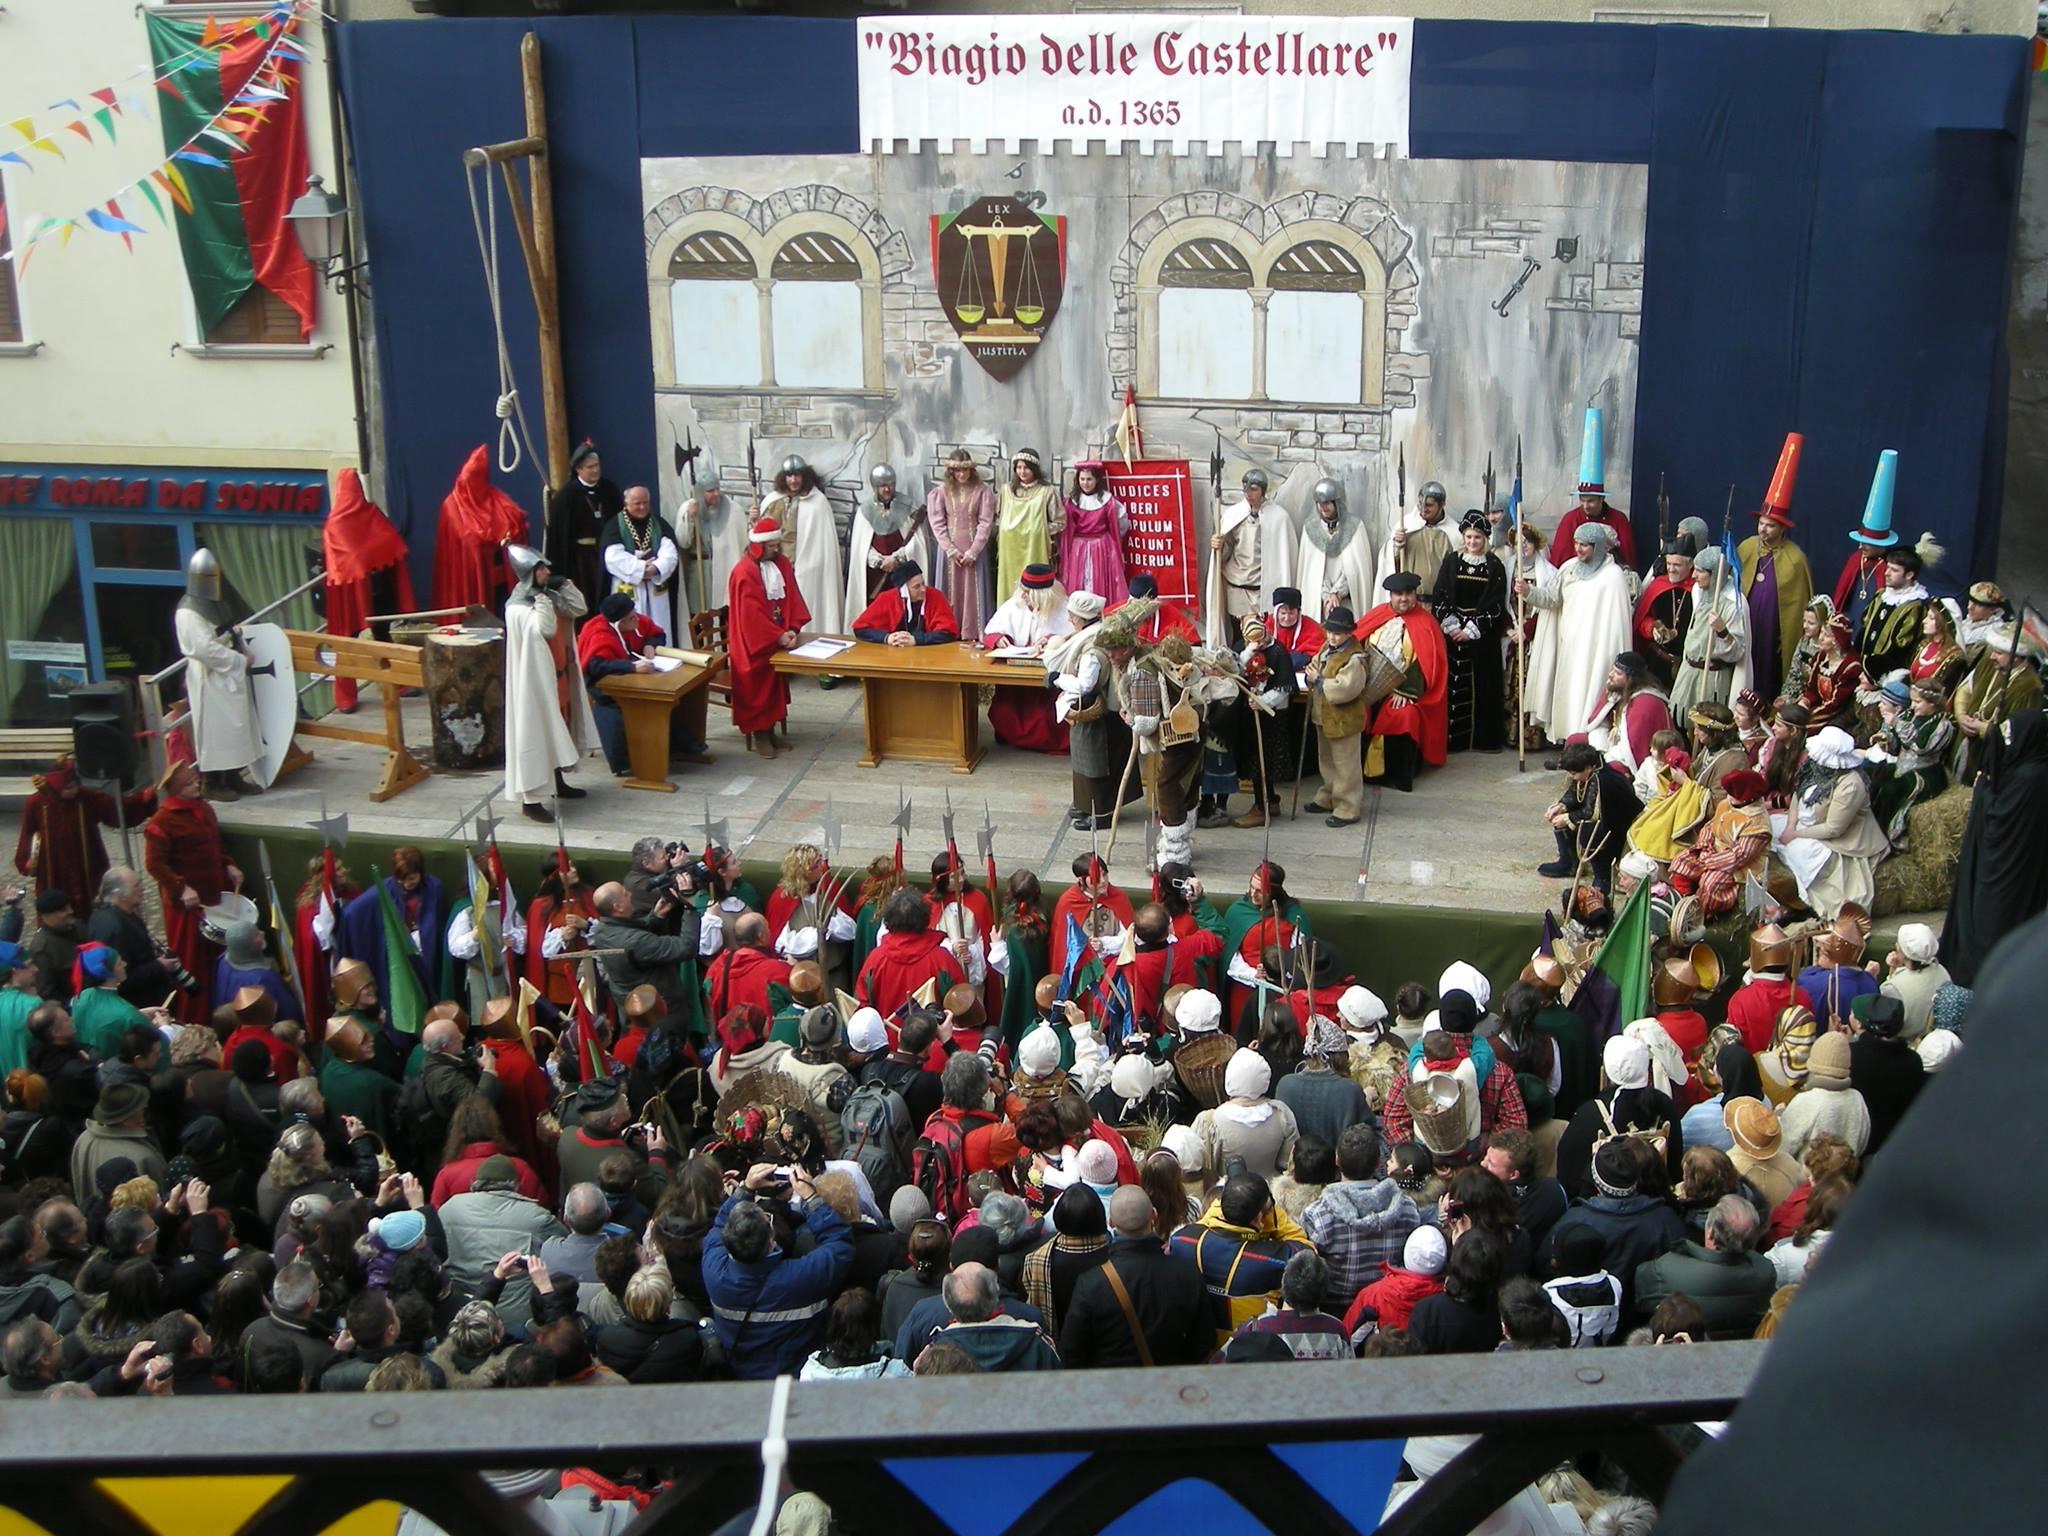 Biagio delle Castellare - Il processo